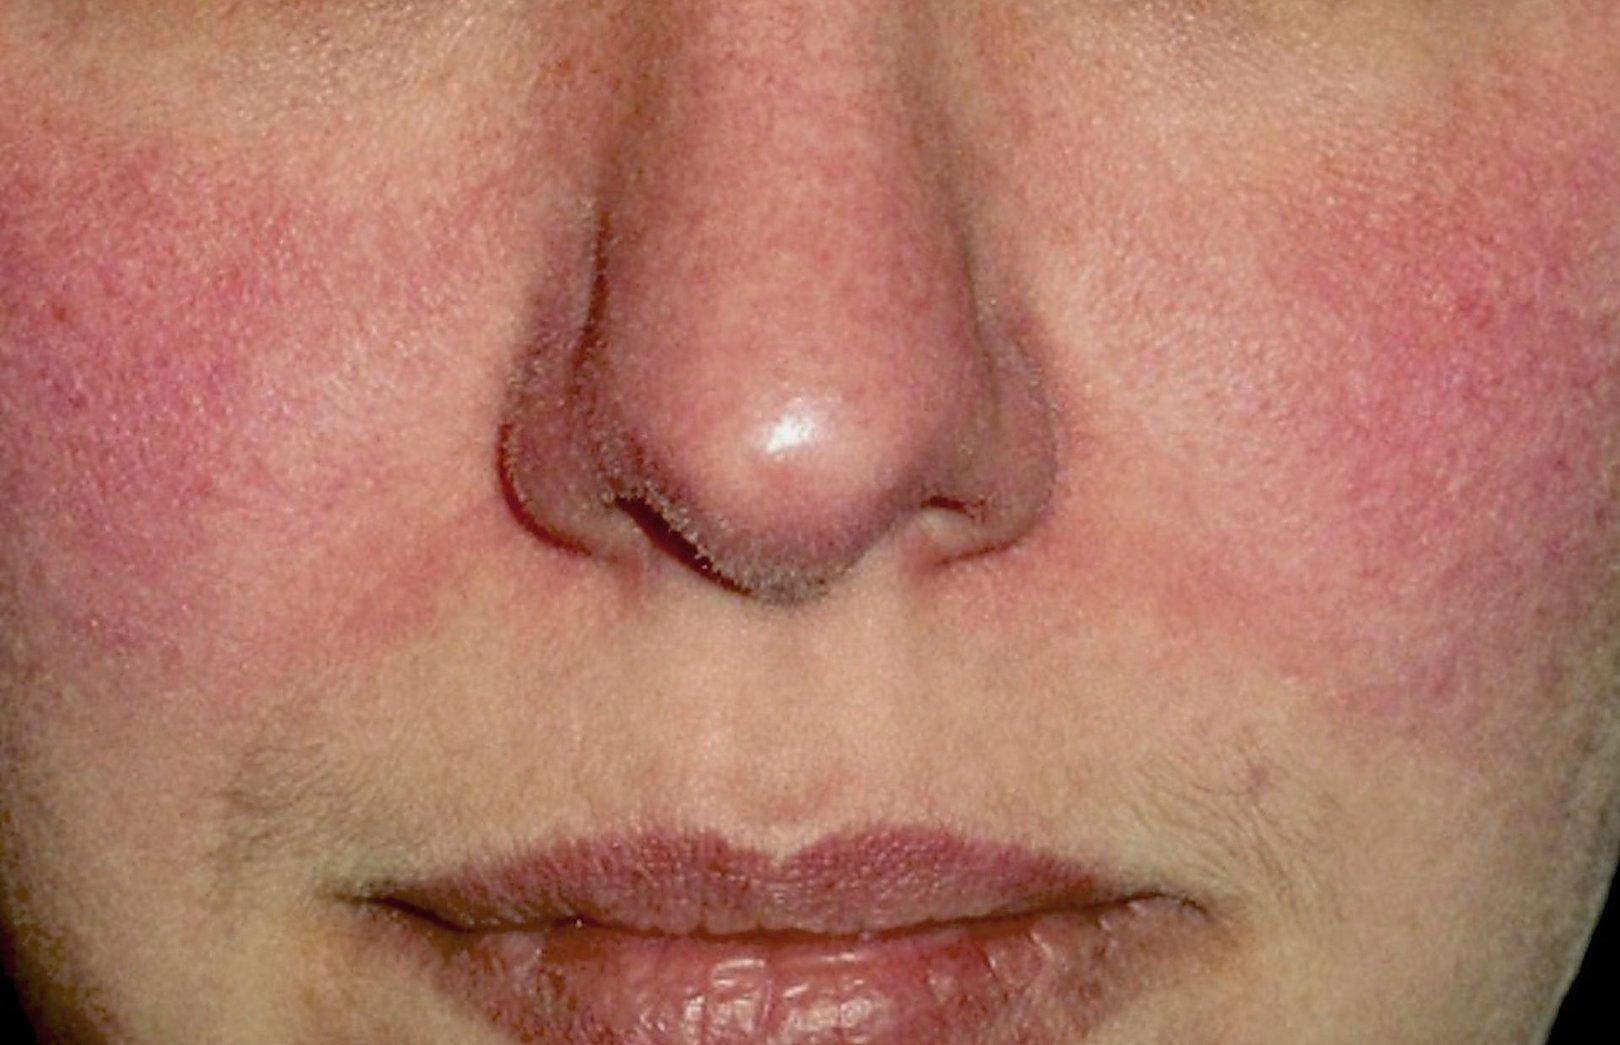 Raudonos dėmės ant veido: išvaizdos ir gydymo metodų priežastis - Spuogai November